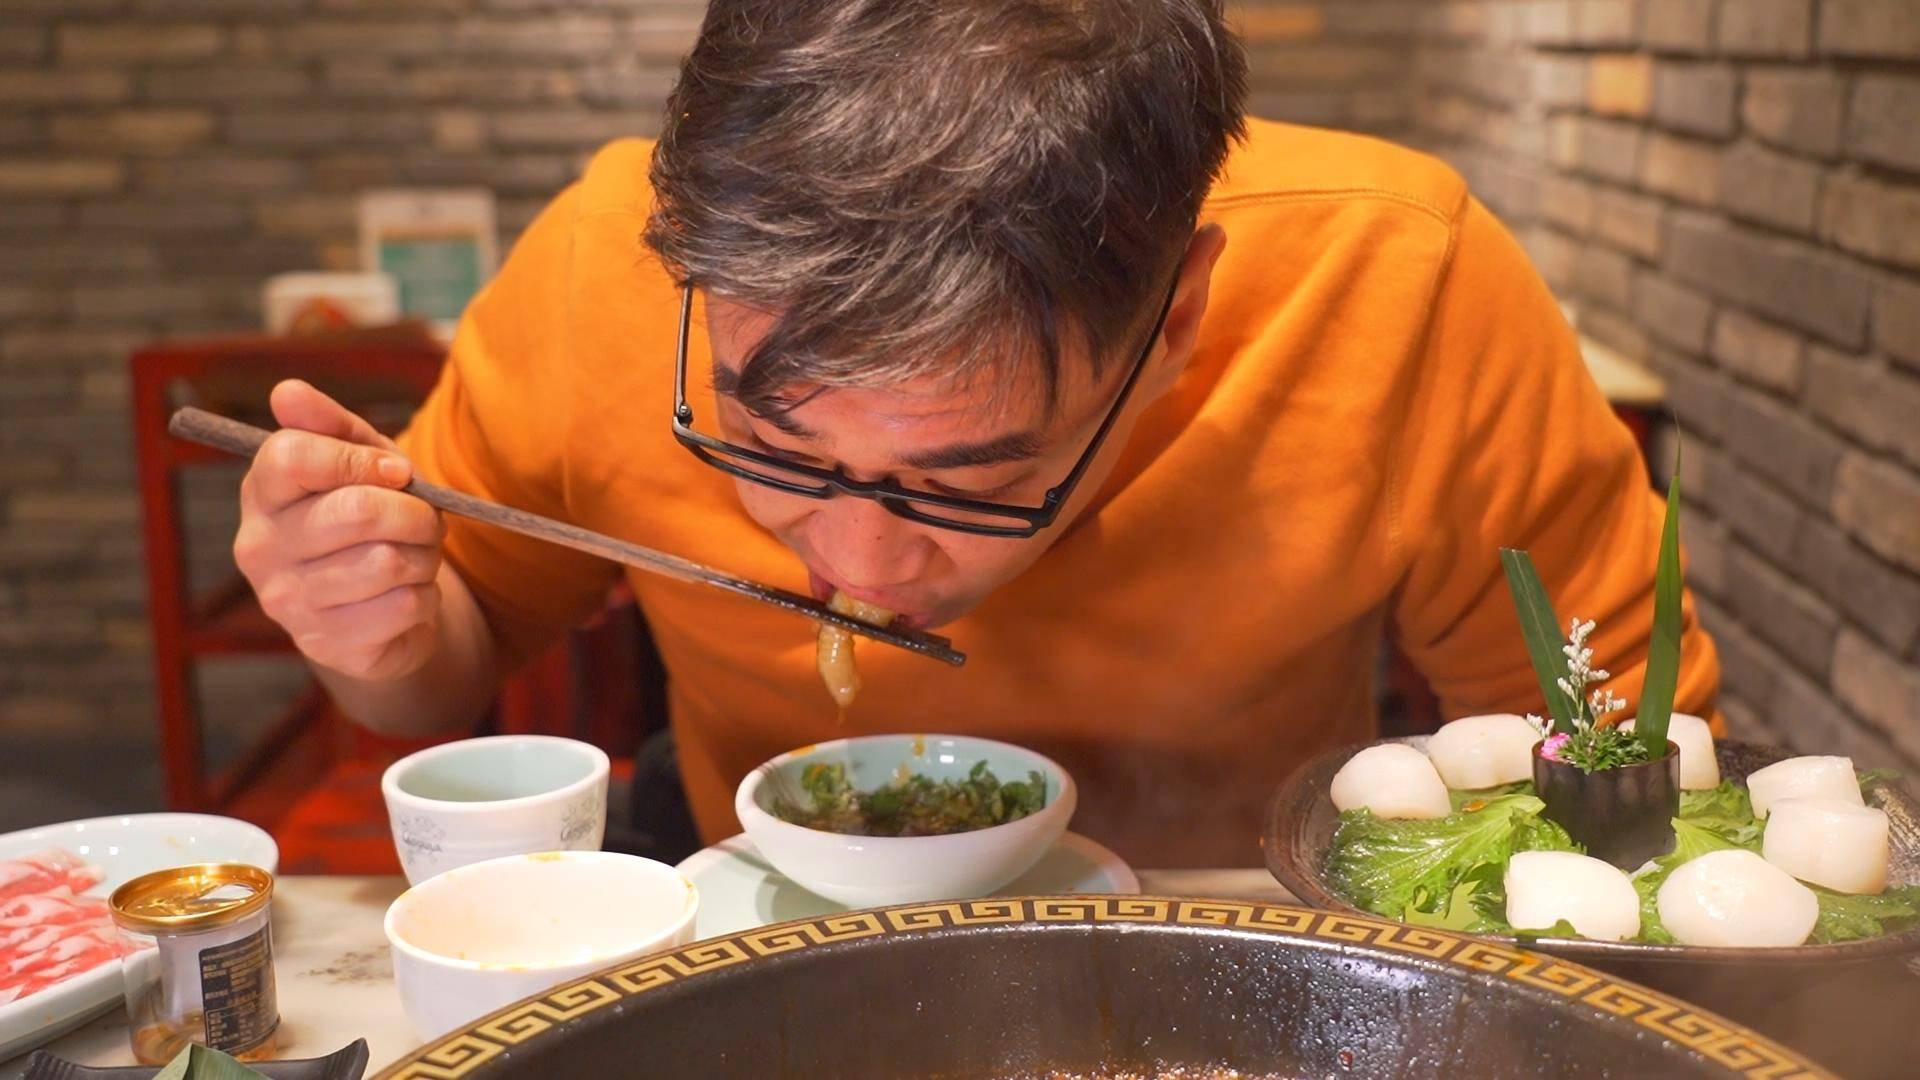 如果你是一个麻辣火锅爱好者,请慎入!这条视频能把你馋死!